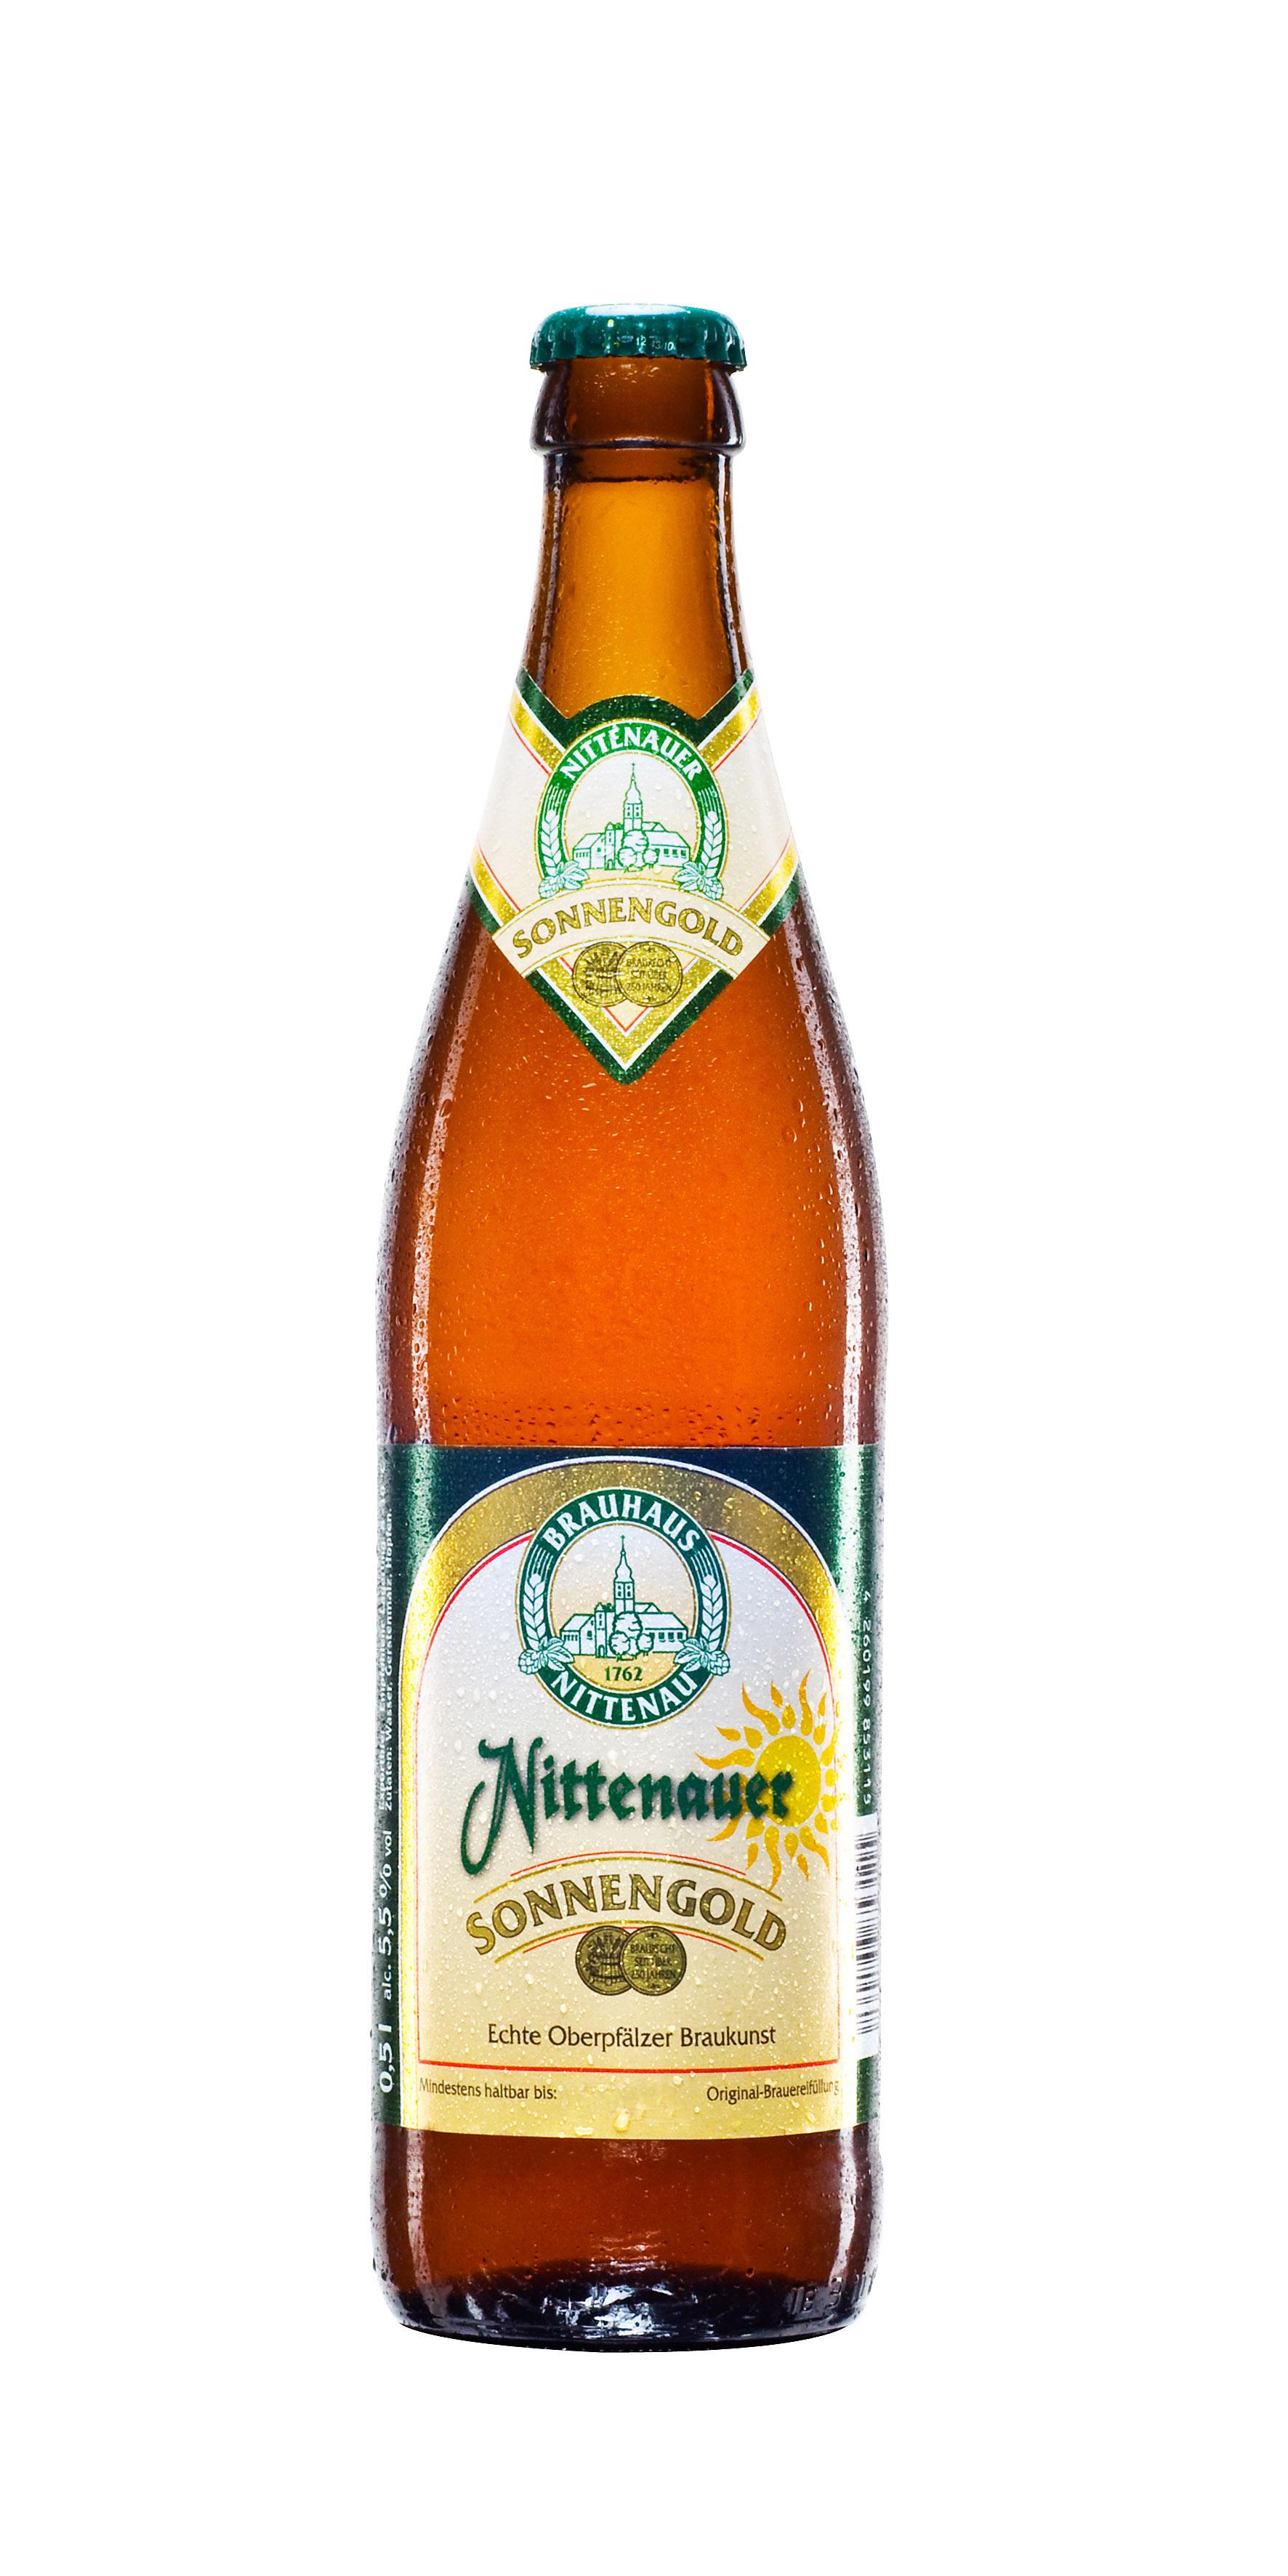 Nittenauer Sonnengold